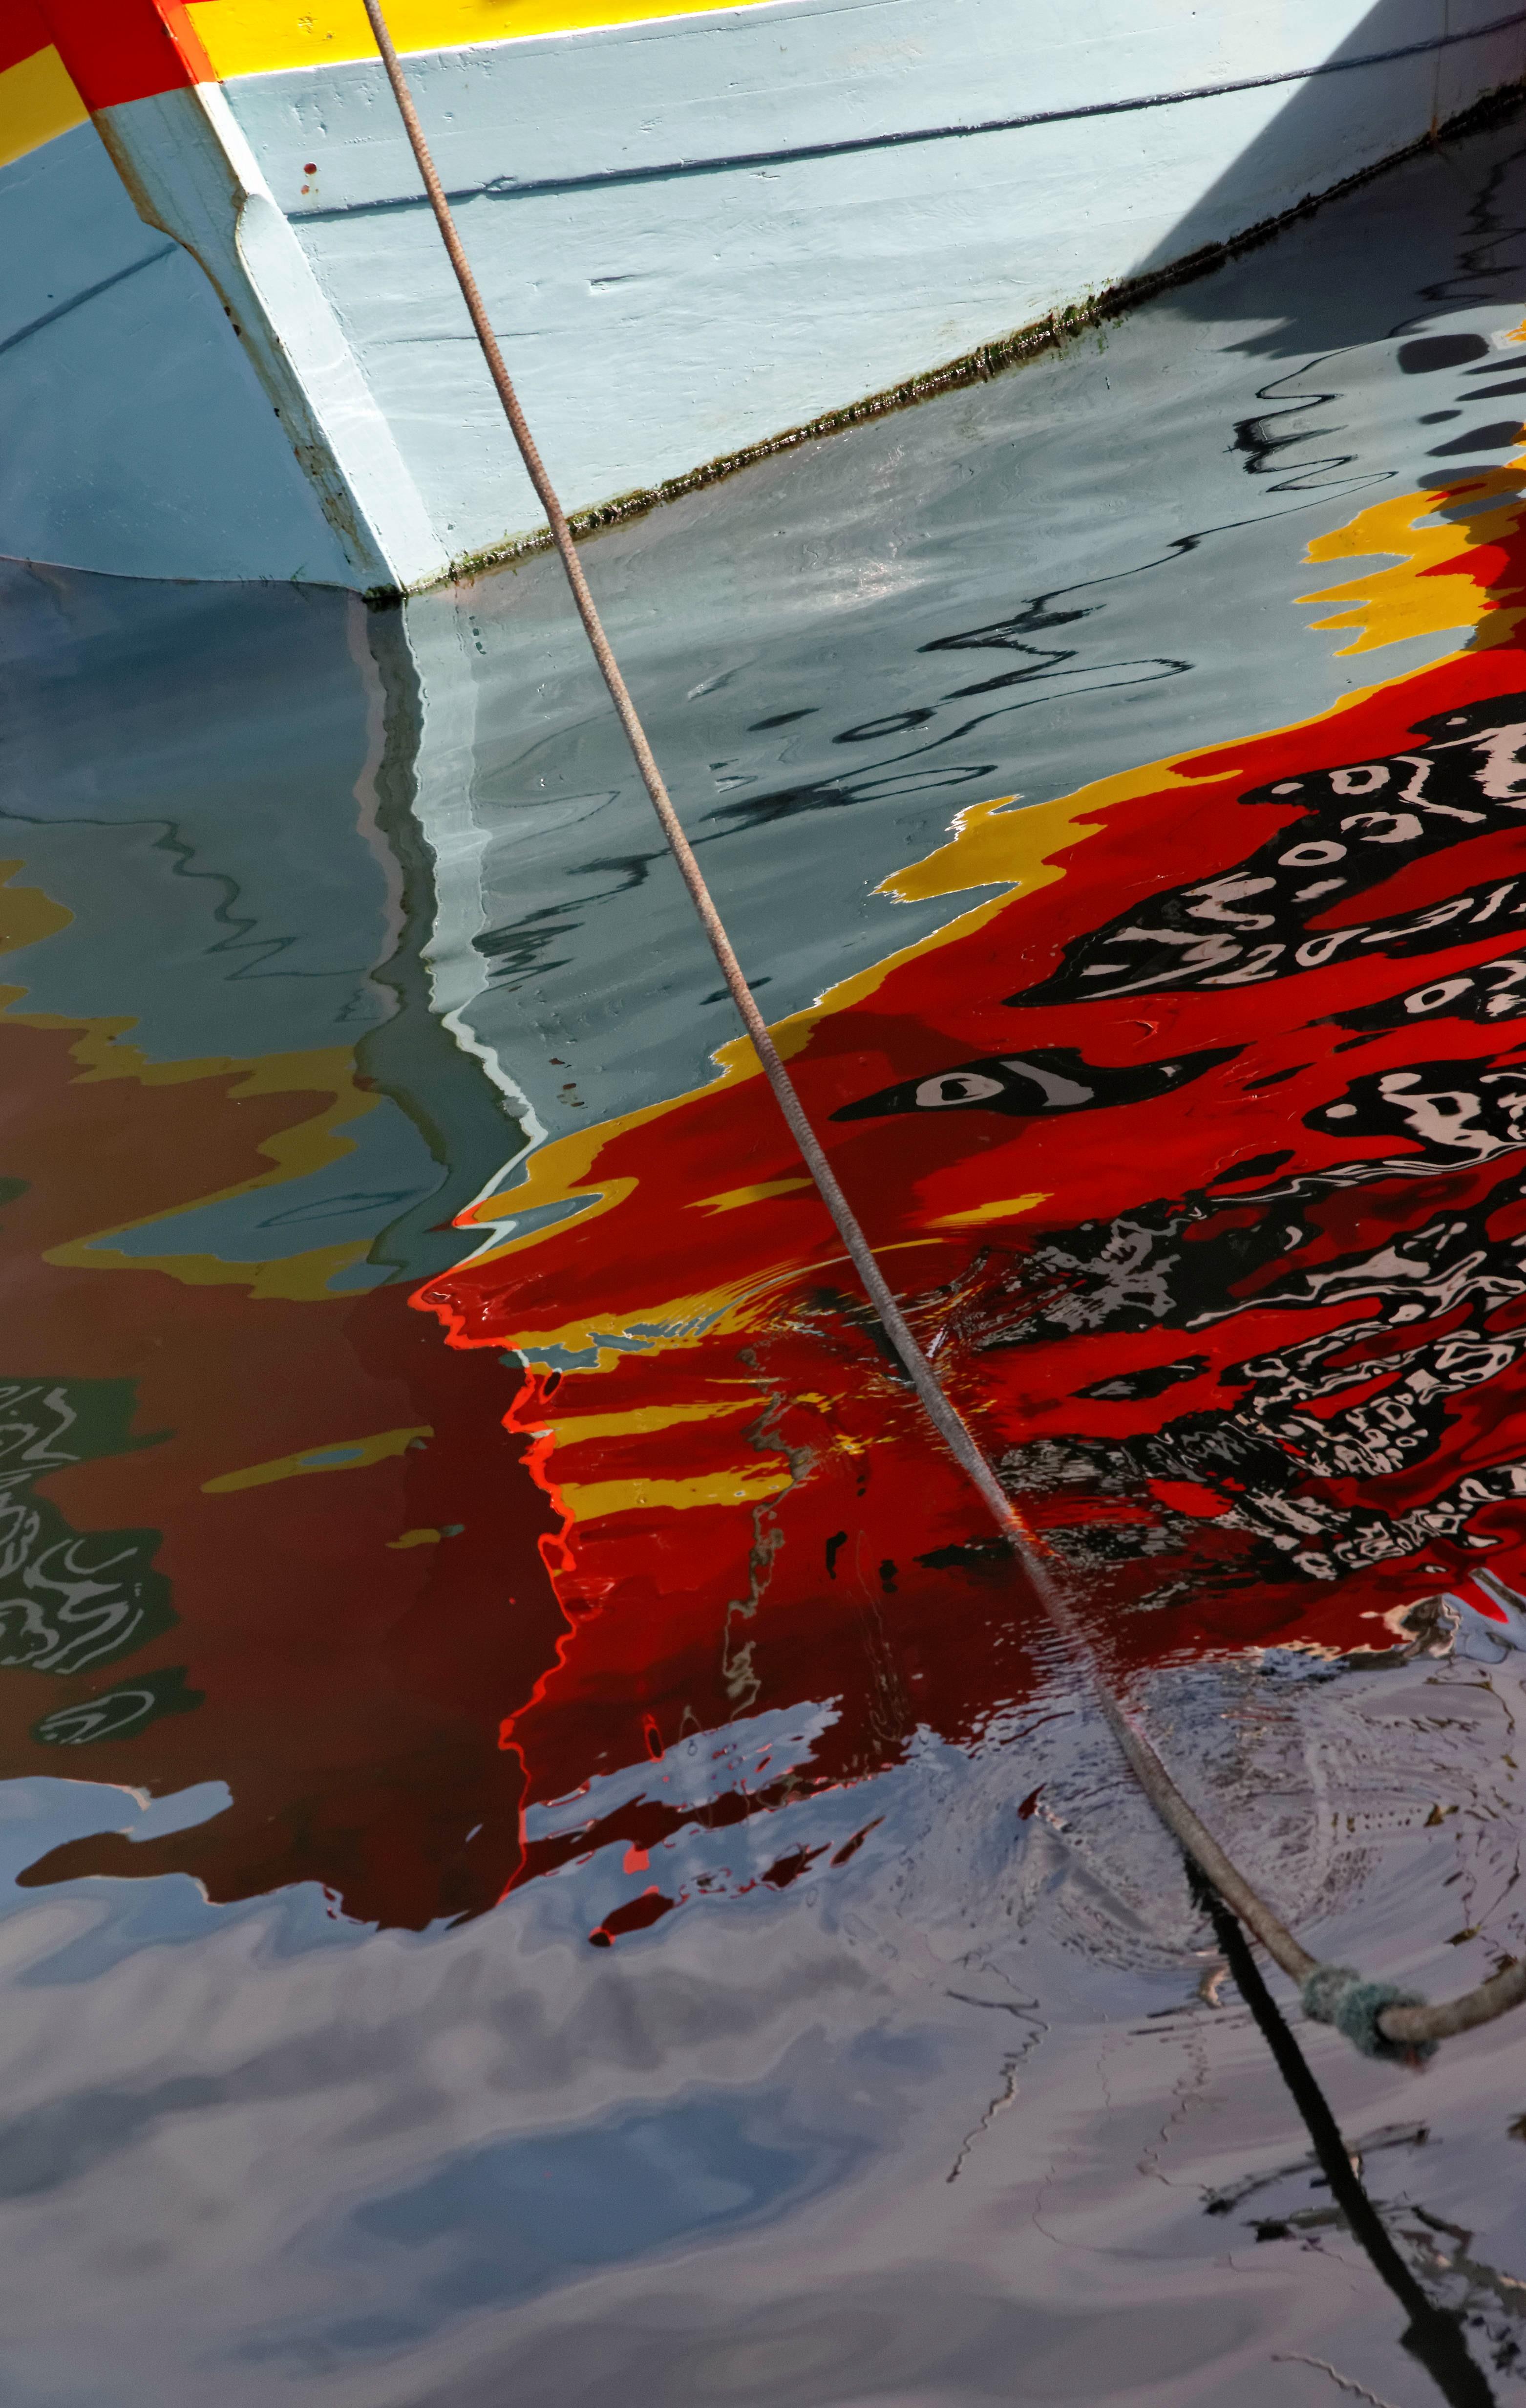 Reflet coque bateau port du guilvinec la tribu d 39 anaximandre des photos au fil des jours - Peinture coque bateau ...